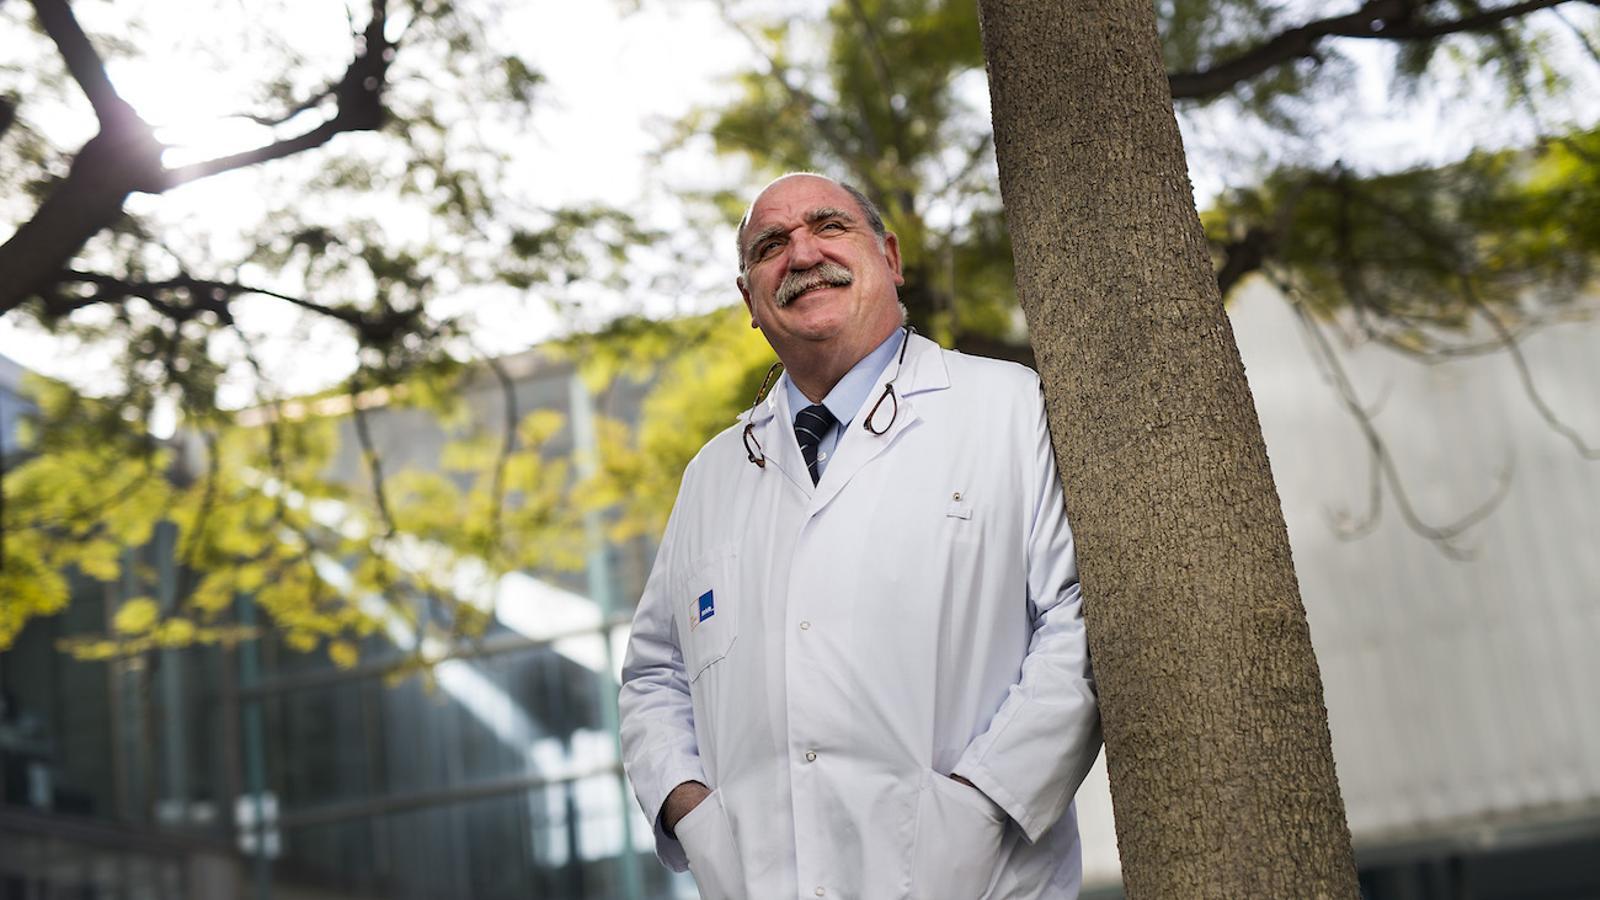 Antoni Bulbena, al jardí de l'Hospital del Mar, on dirigeix la unitat de trastorns d'ansietat